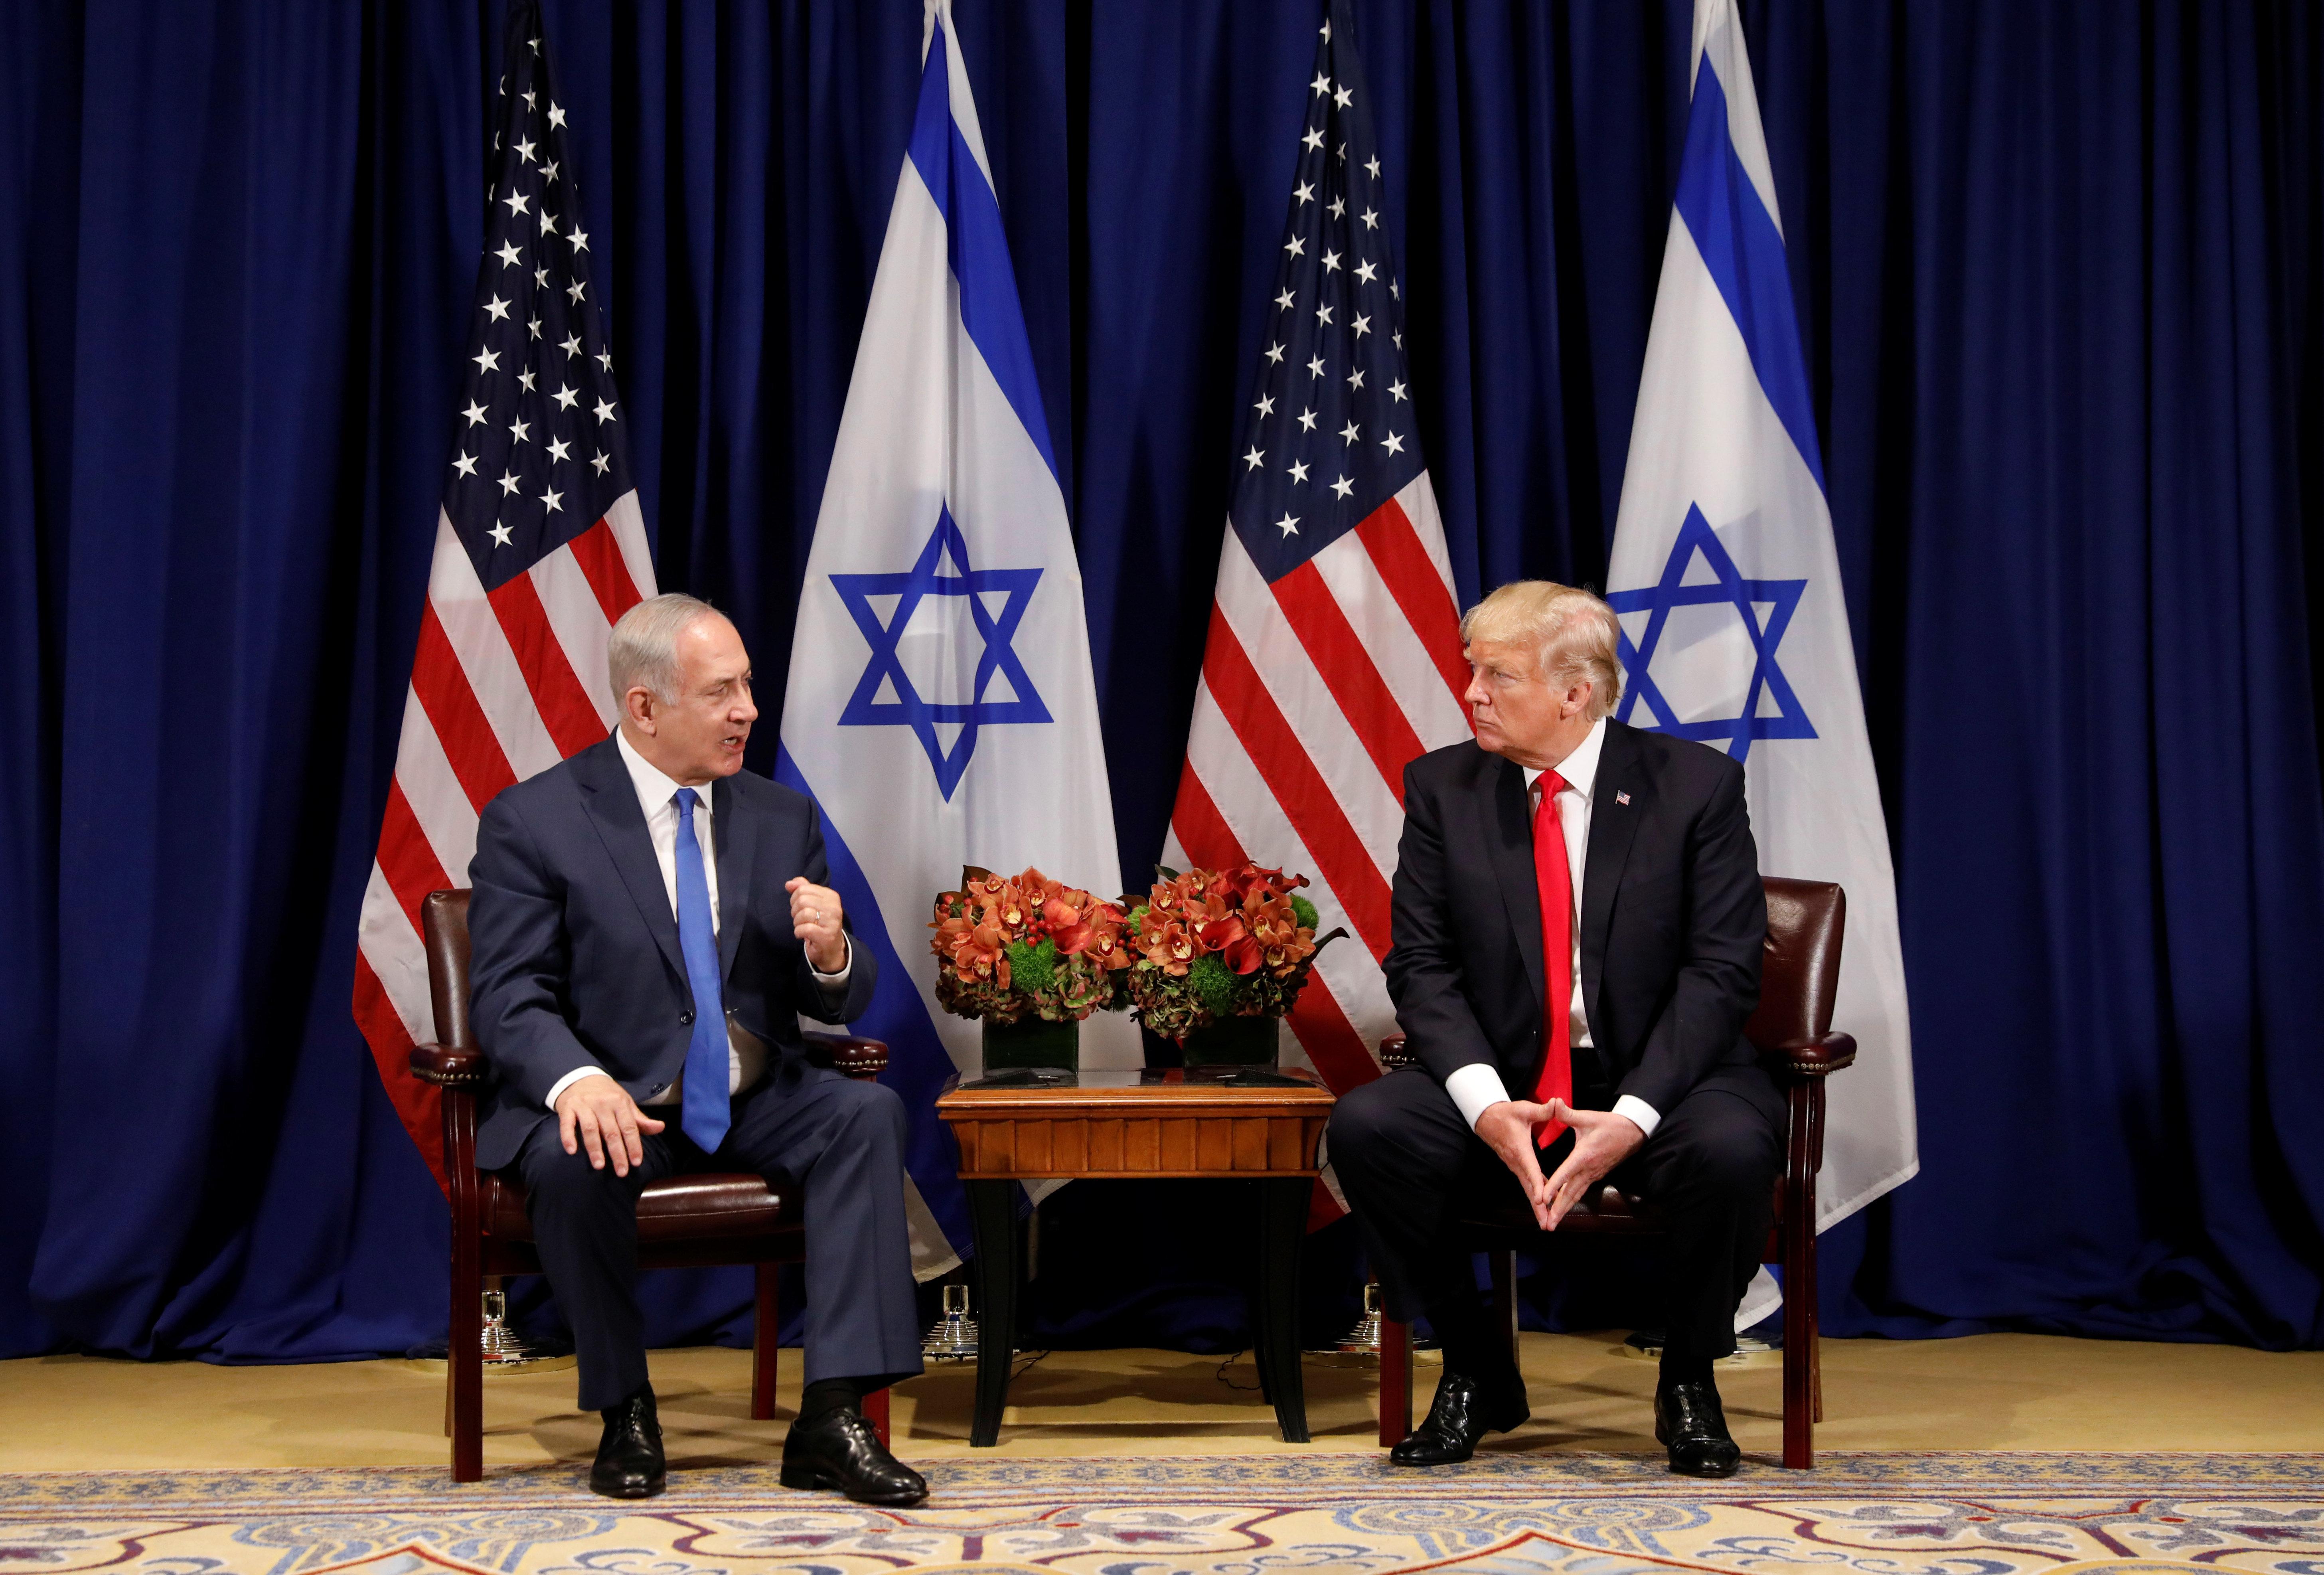 Ο Τραμπ διαψεύδει Νετανιάχου ότι η αμερικανική πρεσβεία θα μεταφερθεί σε έναν χρόνο στην